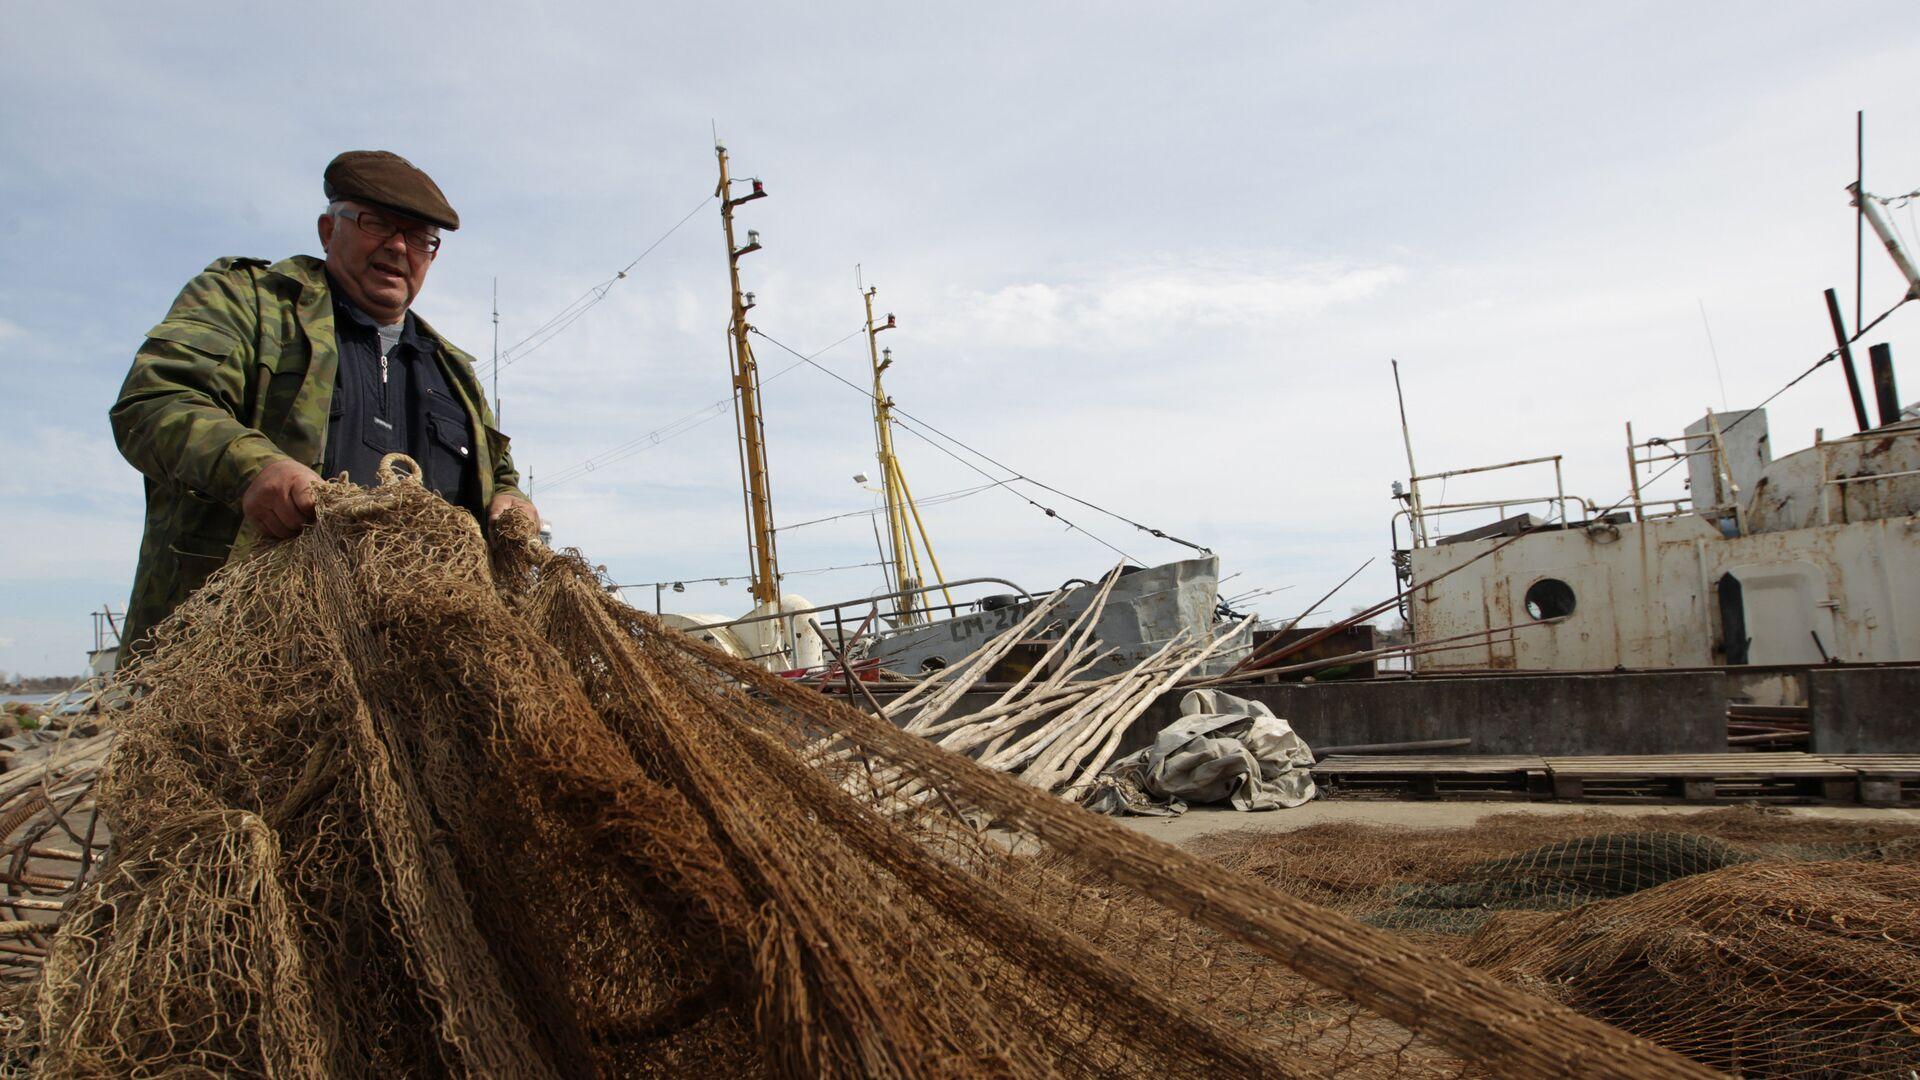 Рыбак проверяет сеть перед выходом на сезонный лов - РИА Новости, 1920, 18.10.2020